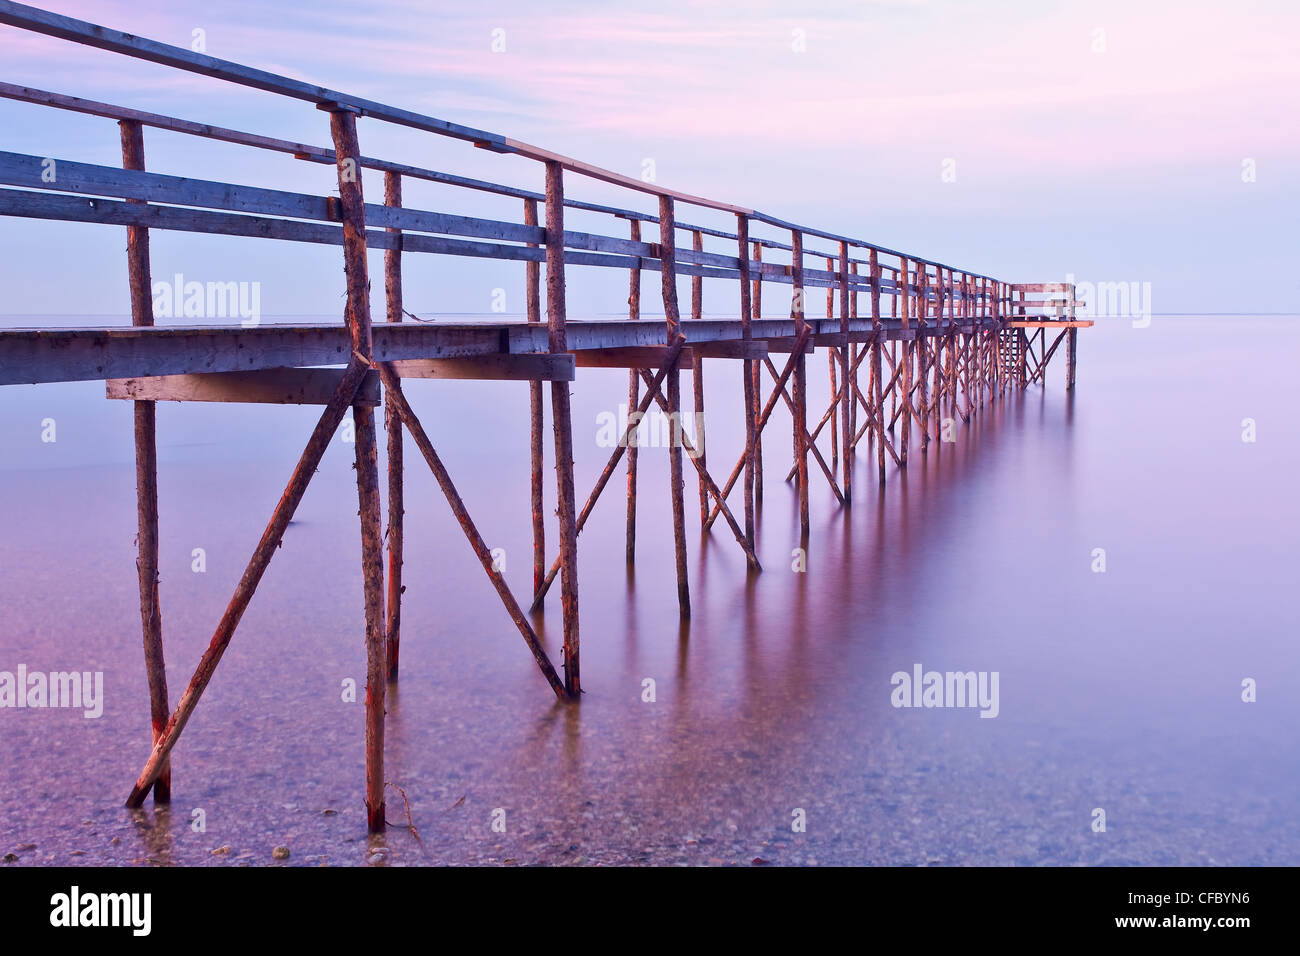 Muelle de madera al atardecer en el Lago Winnipeg. Matlock, Manitoba, Canadá. Foto de stock